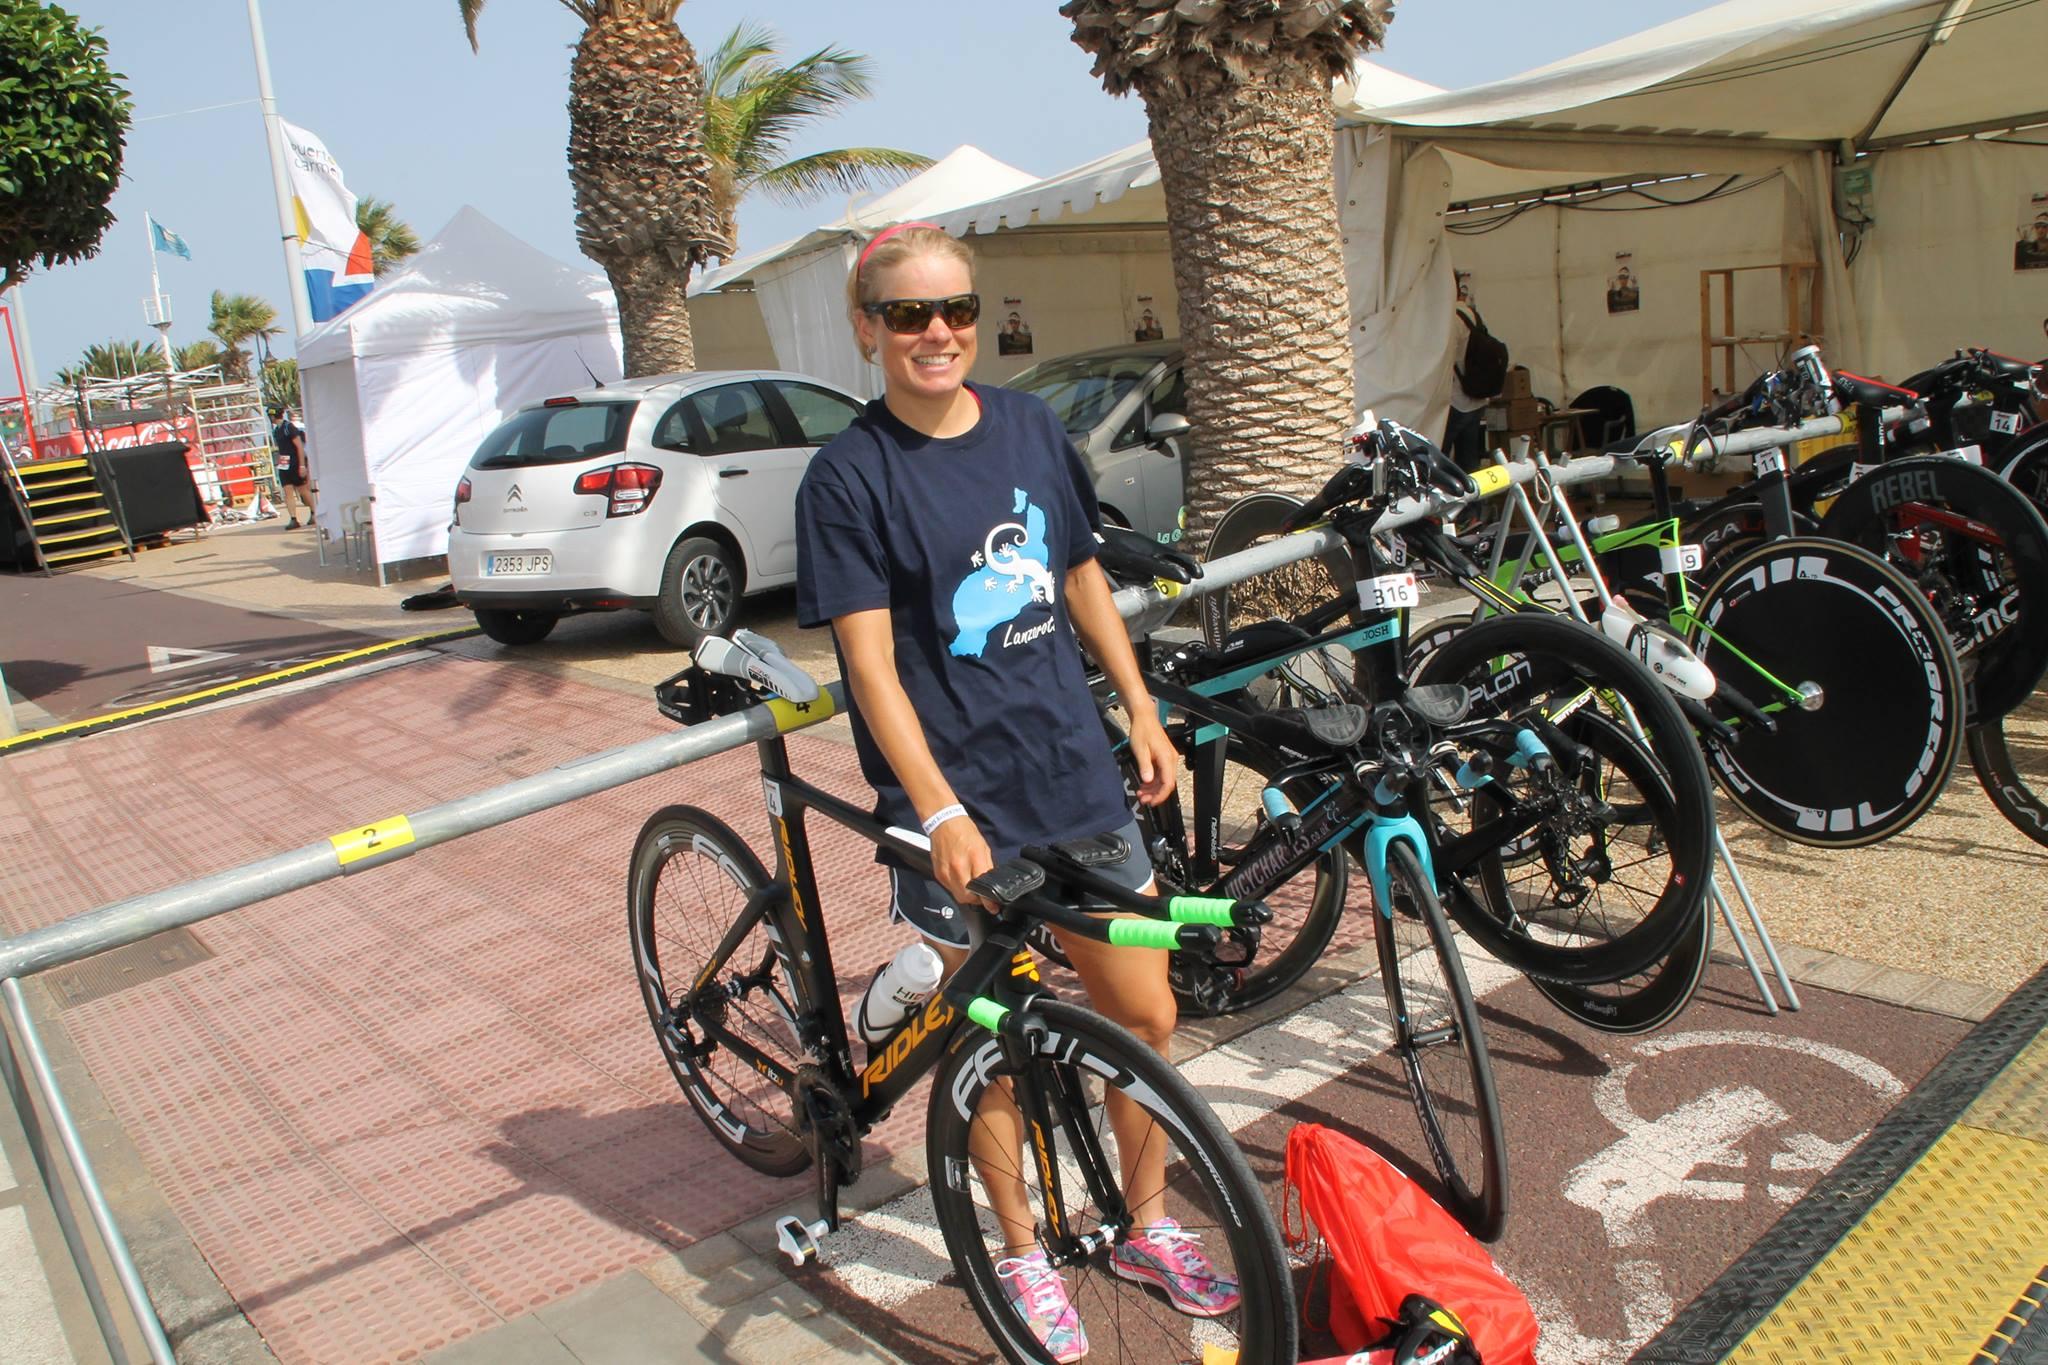 Alexandra Tondeur met de glimlach bij de bike check-in (foto: Joris Sels)